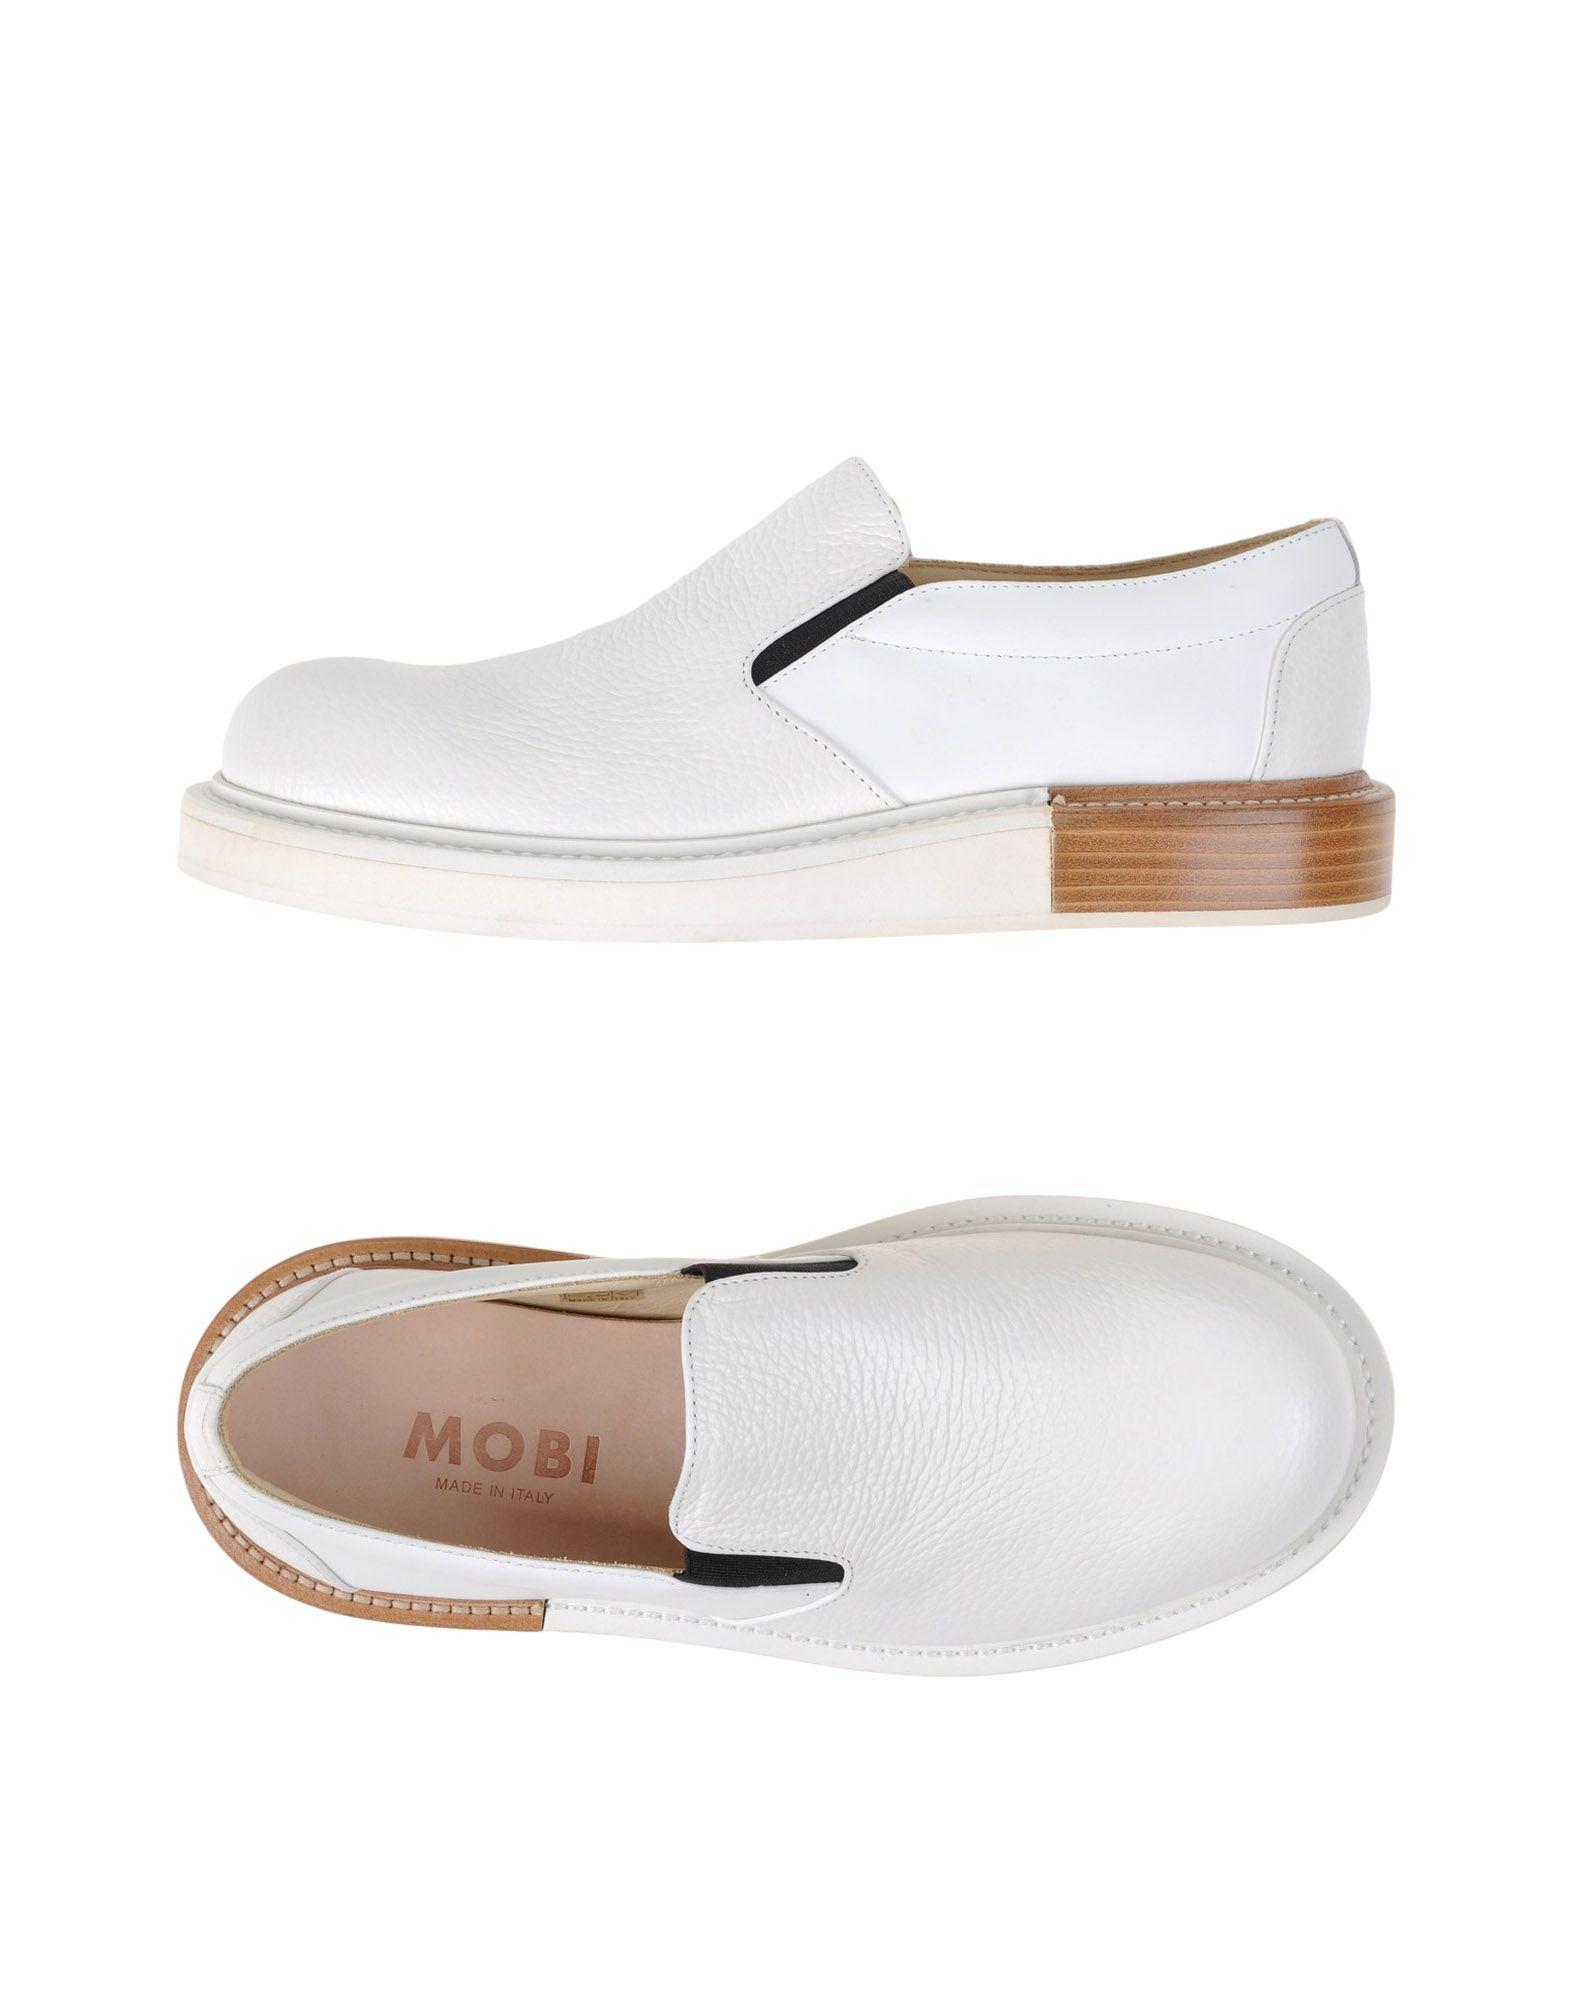 MOBI Sneakers in White